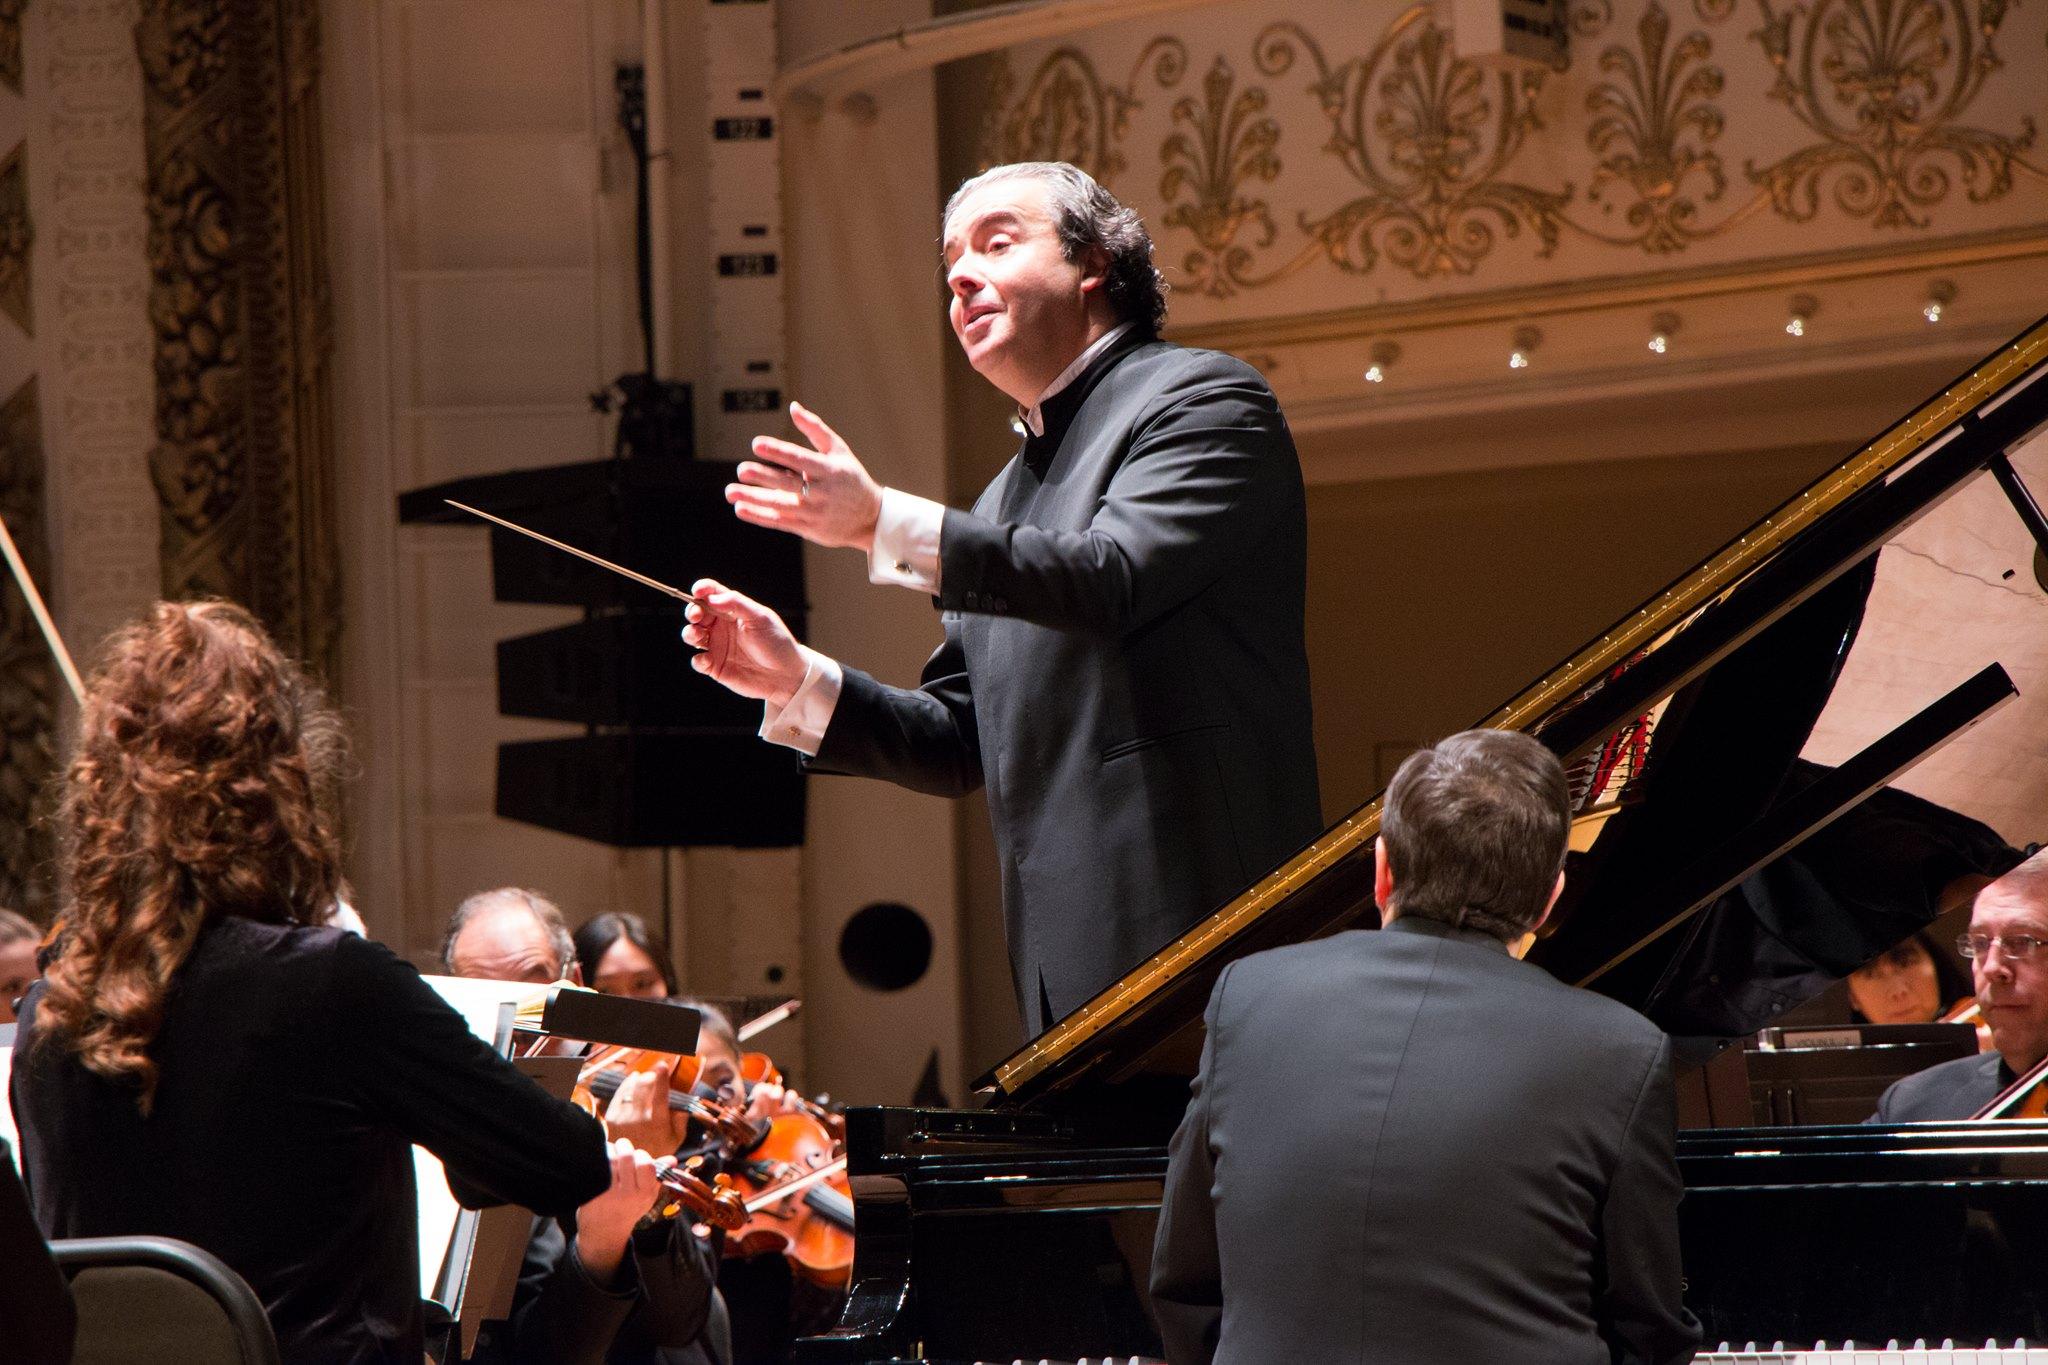 Juanjo Mena's 'Leningrad' Symphony with CSO vivid, powerful